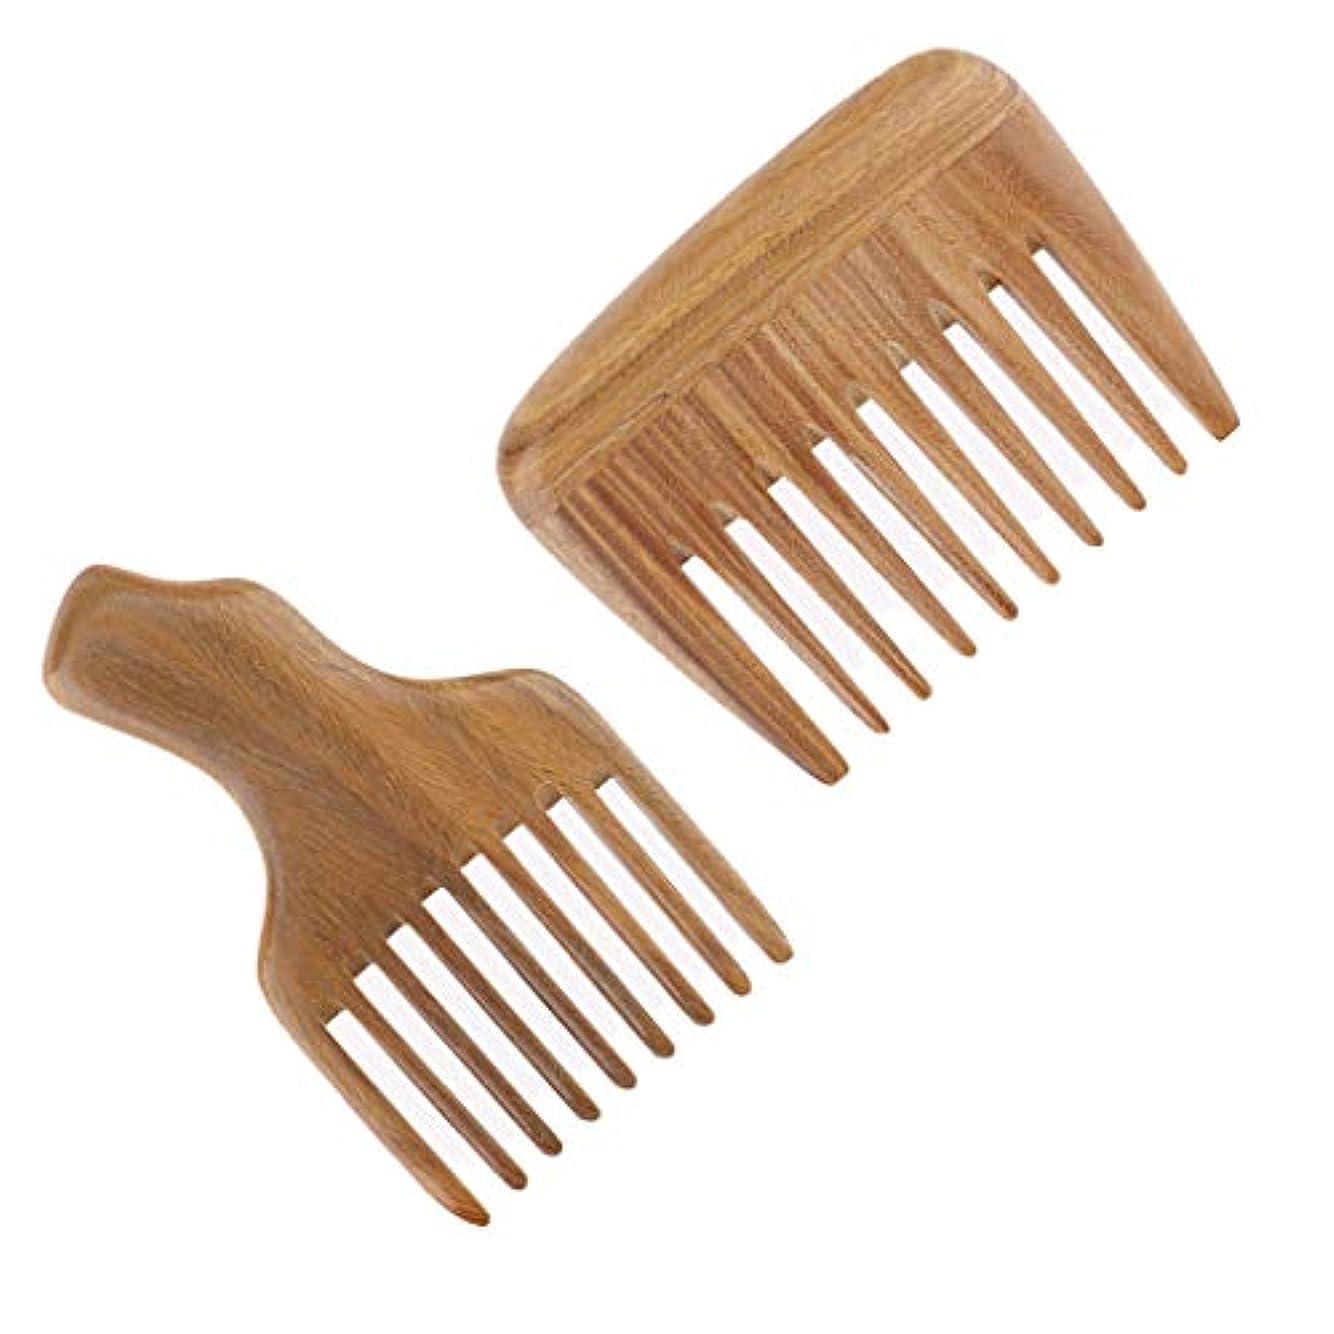 フィドルソビエト深いT TOOYFUL 木製コーム ヘアブラシ ヘアコーム 粗い櫛 ユニセックス 理髪店 サロン アクセサリー 2個入り